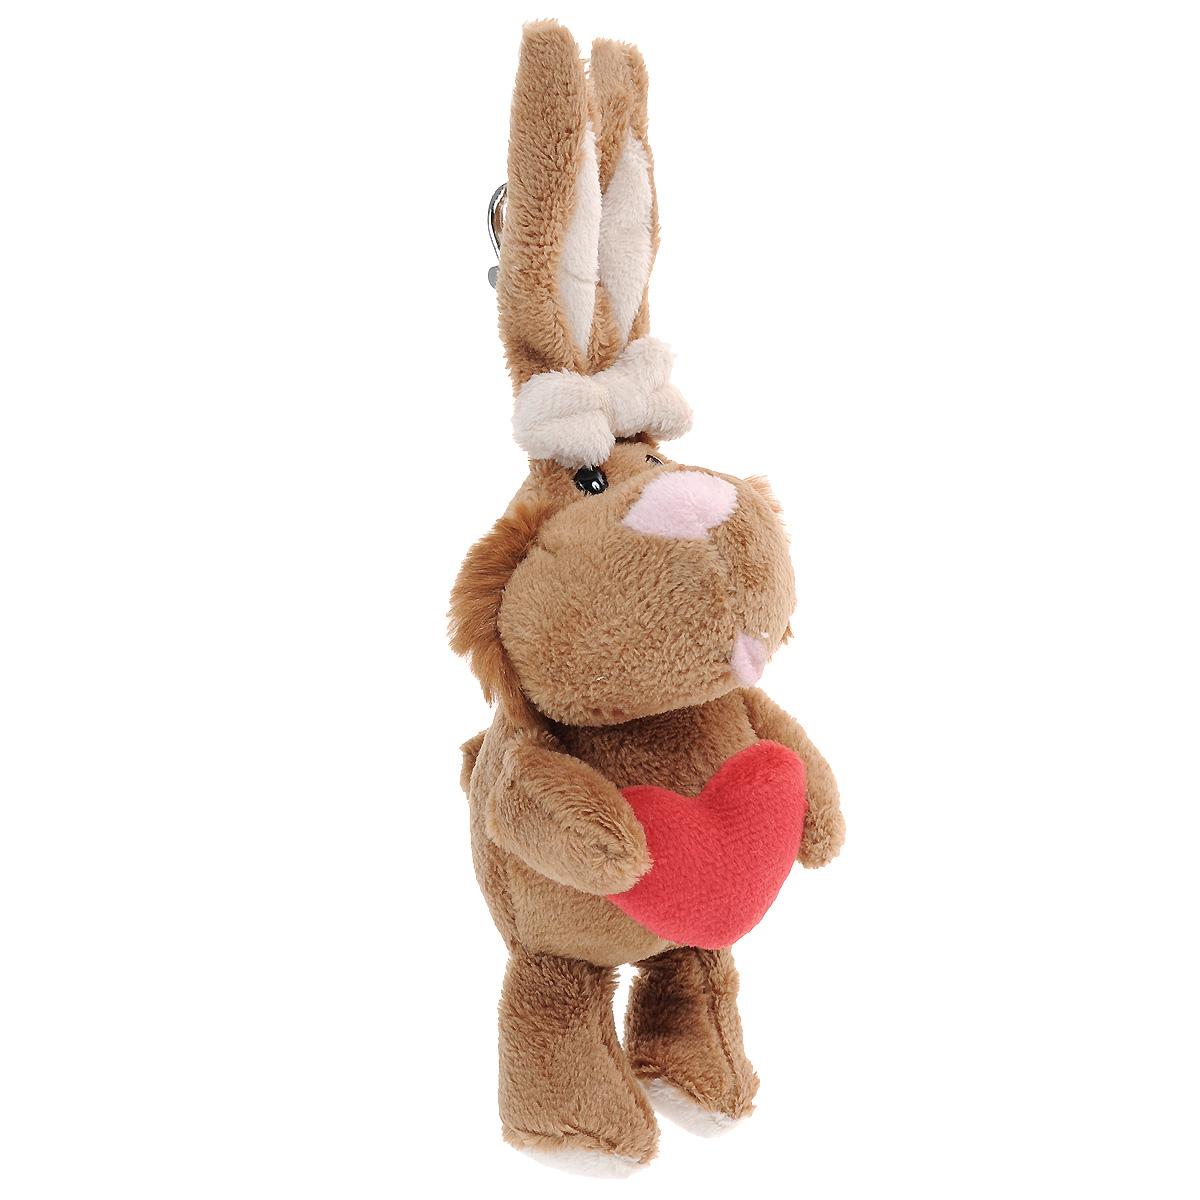 Брелок Gulliver Кролик с сердцем, цвет: коричневый, 19 см7-54711Очаровательный брелок Gulliver Кролик с сердцем вызовет улыбку как у взрослого, так и у ребенка. Он выполнен из полиакрила и модакрила с набивкой из синтепона в виде милого кролика. Глазки игрушки пластиковые; в лапках кролик держит сердечко. К игрушке крепится карабин, с помощью которого ее можно пристегнуть к сумке, рюкзачку или связке ключей. Оригинальный стиль и великолепное качество исполнения делают этот брелок чудесным подарком к любому празднику, а трогательный образ представит такой подарок в самом лучшем свете.